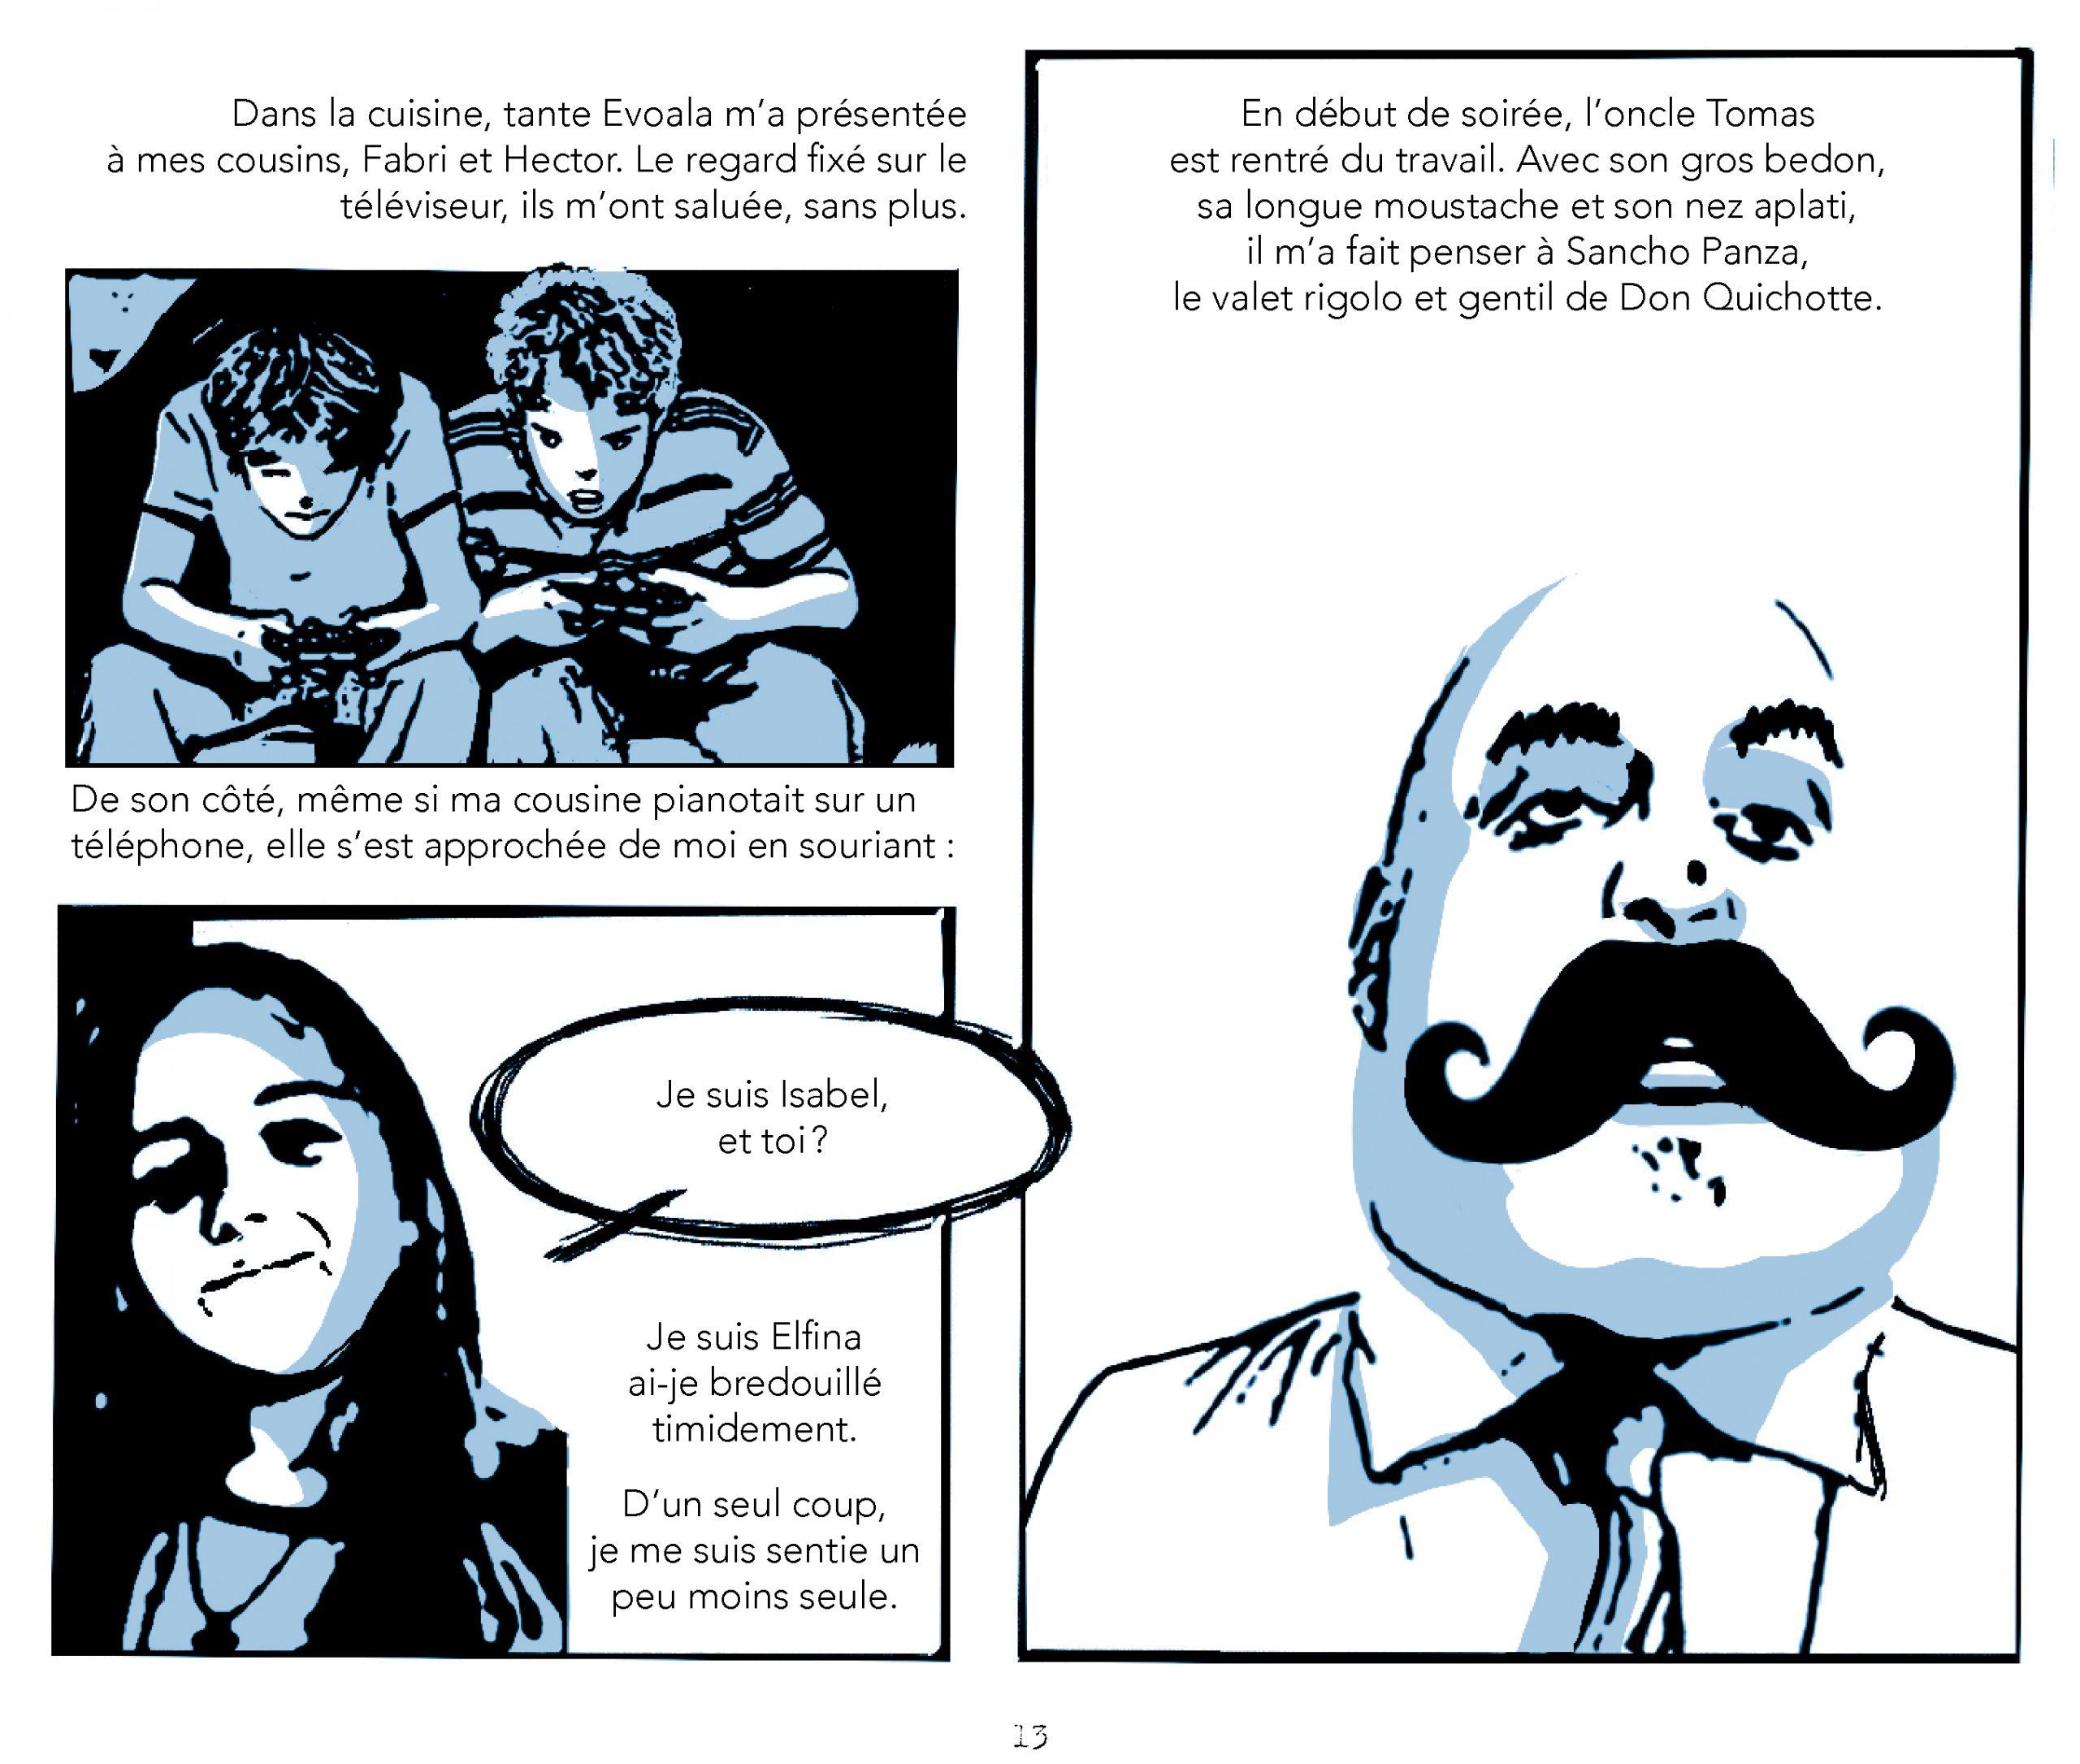 Extrait de Les quatre saisons d'Elfina - Éditions de l'Isatis